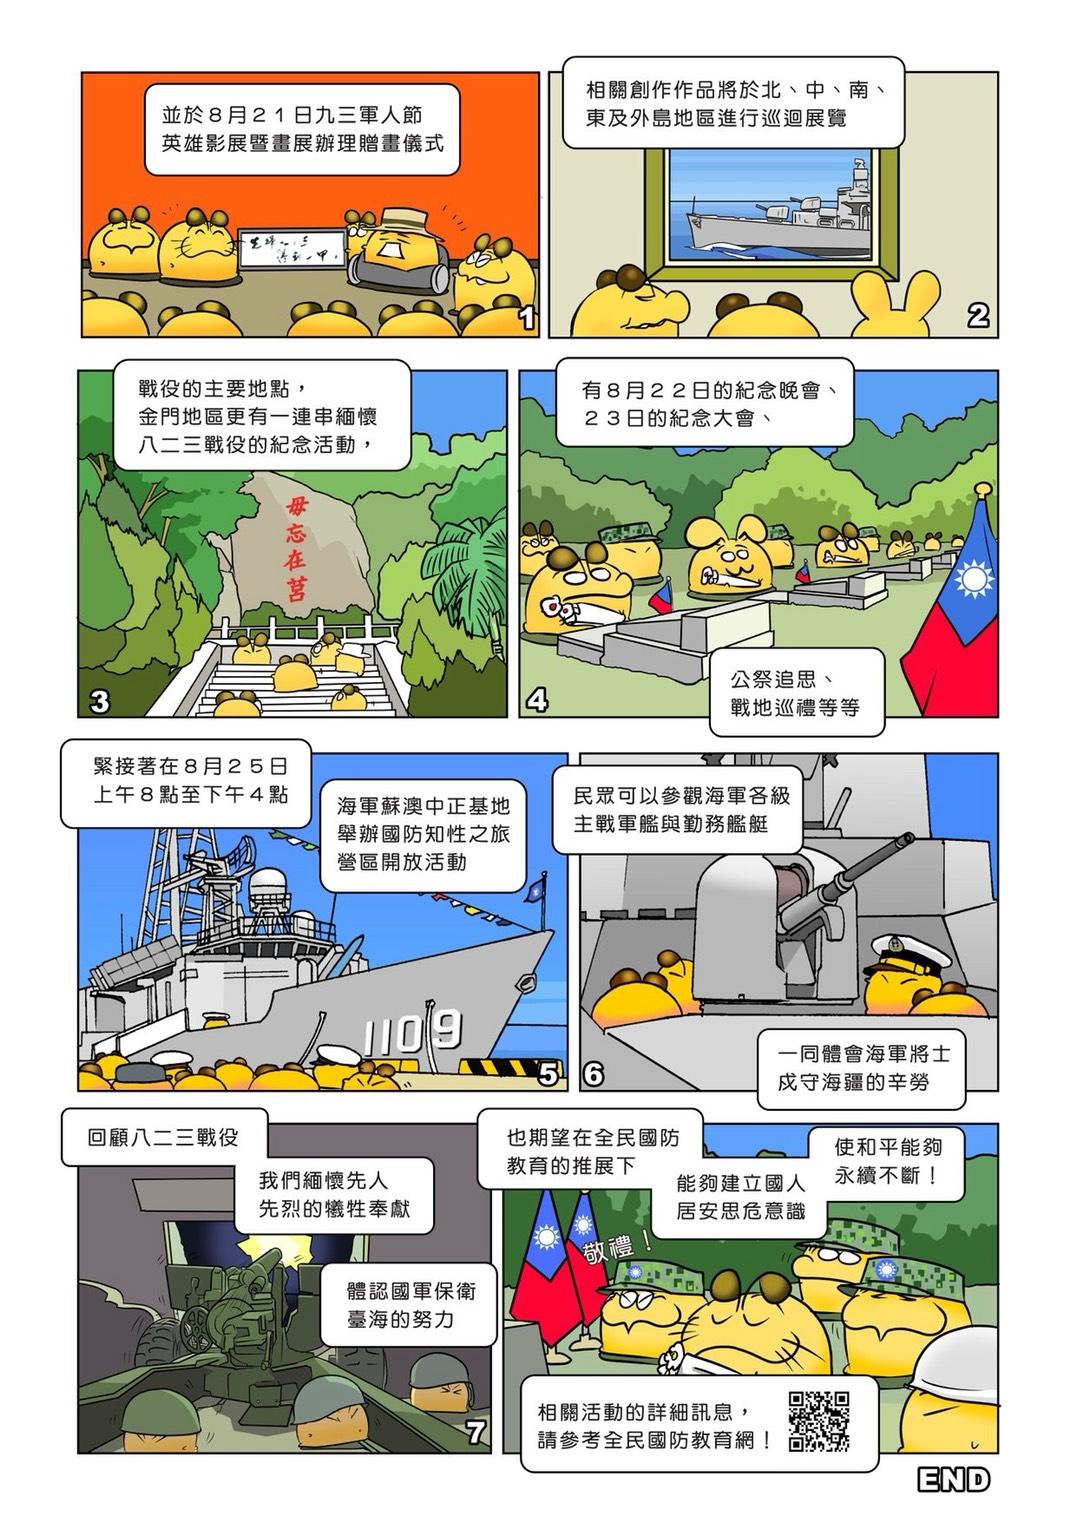 國防Online漫畫第30期—追思先賢,永續和平_02.jpg